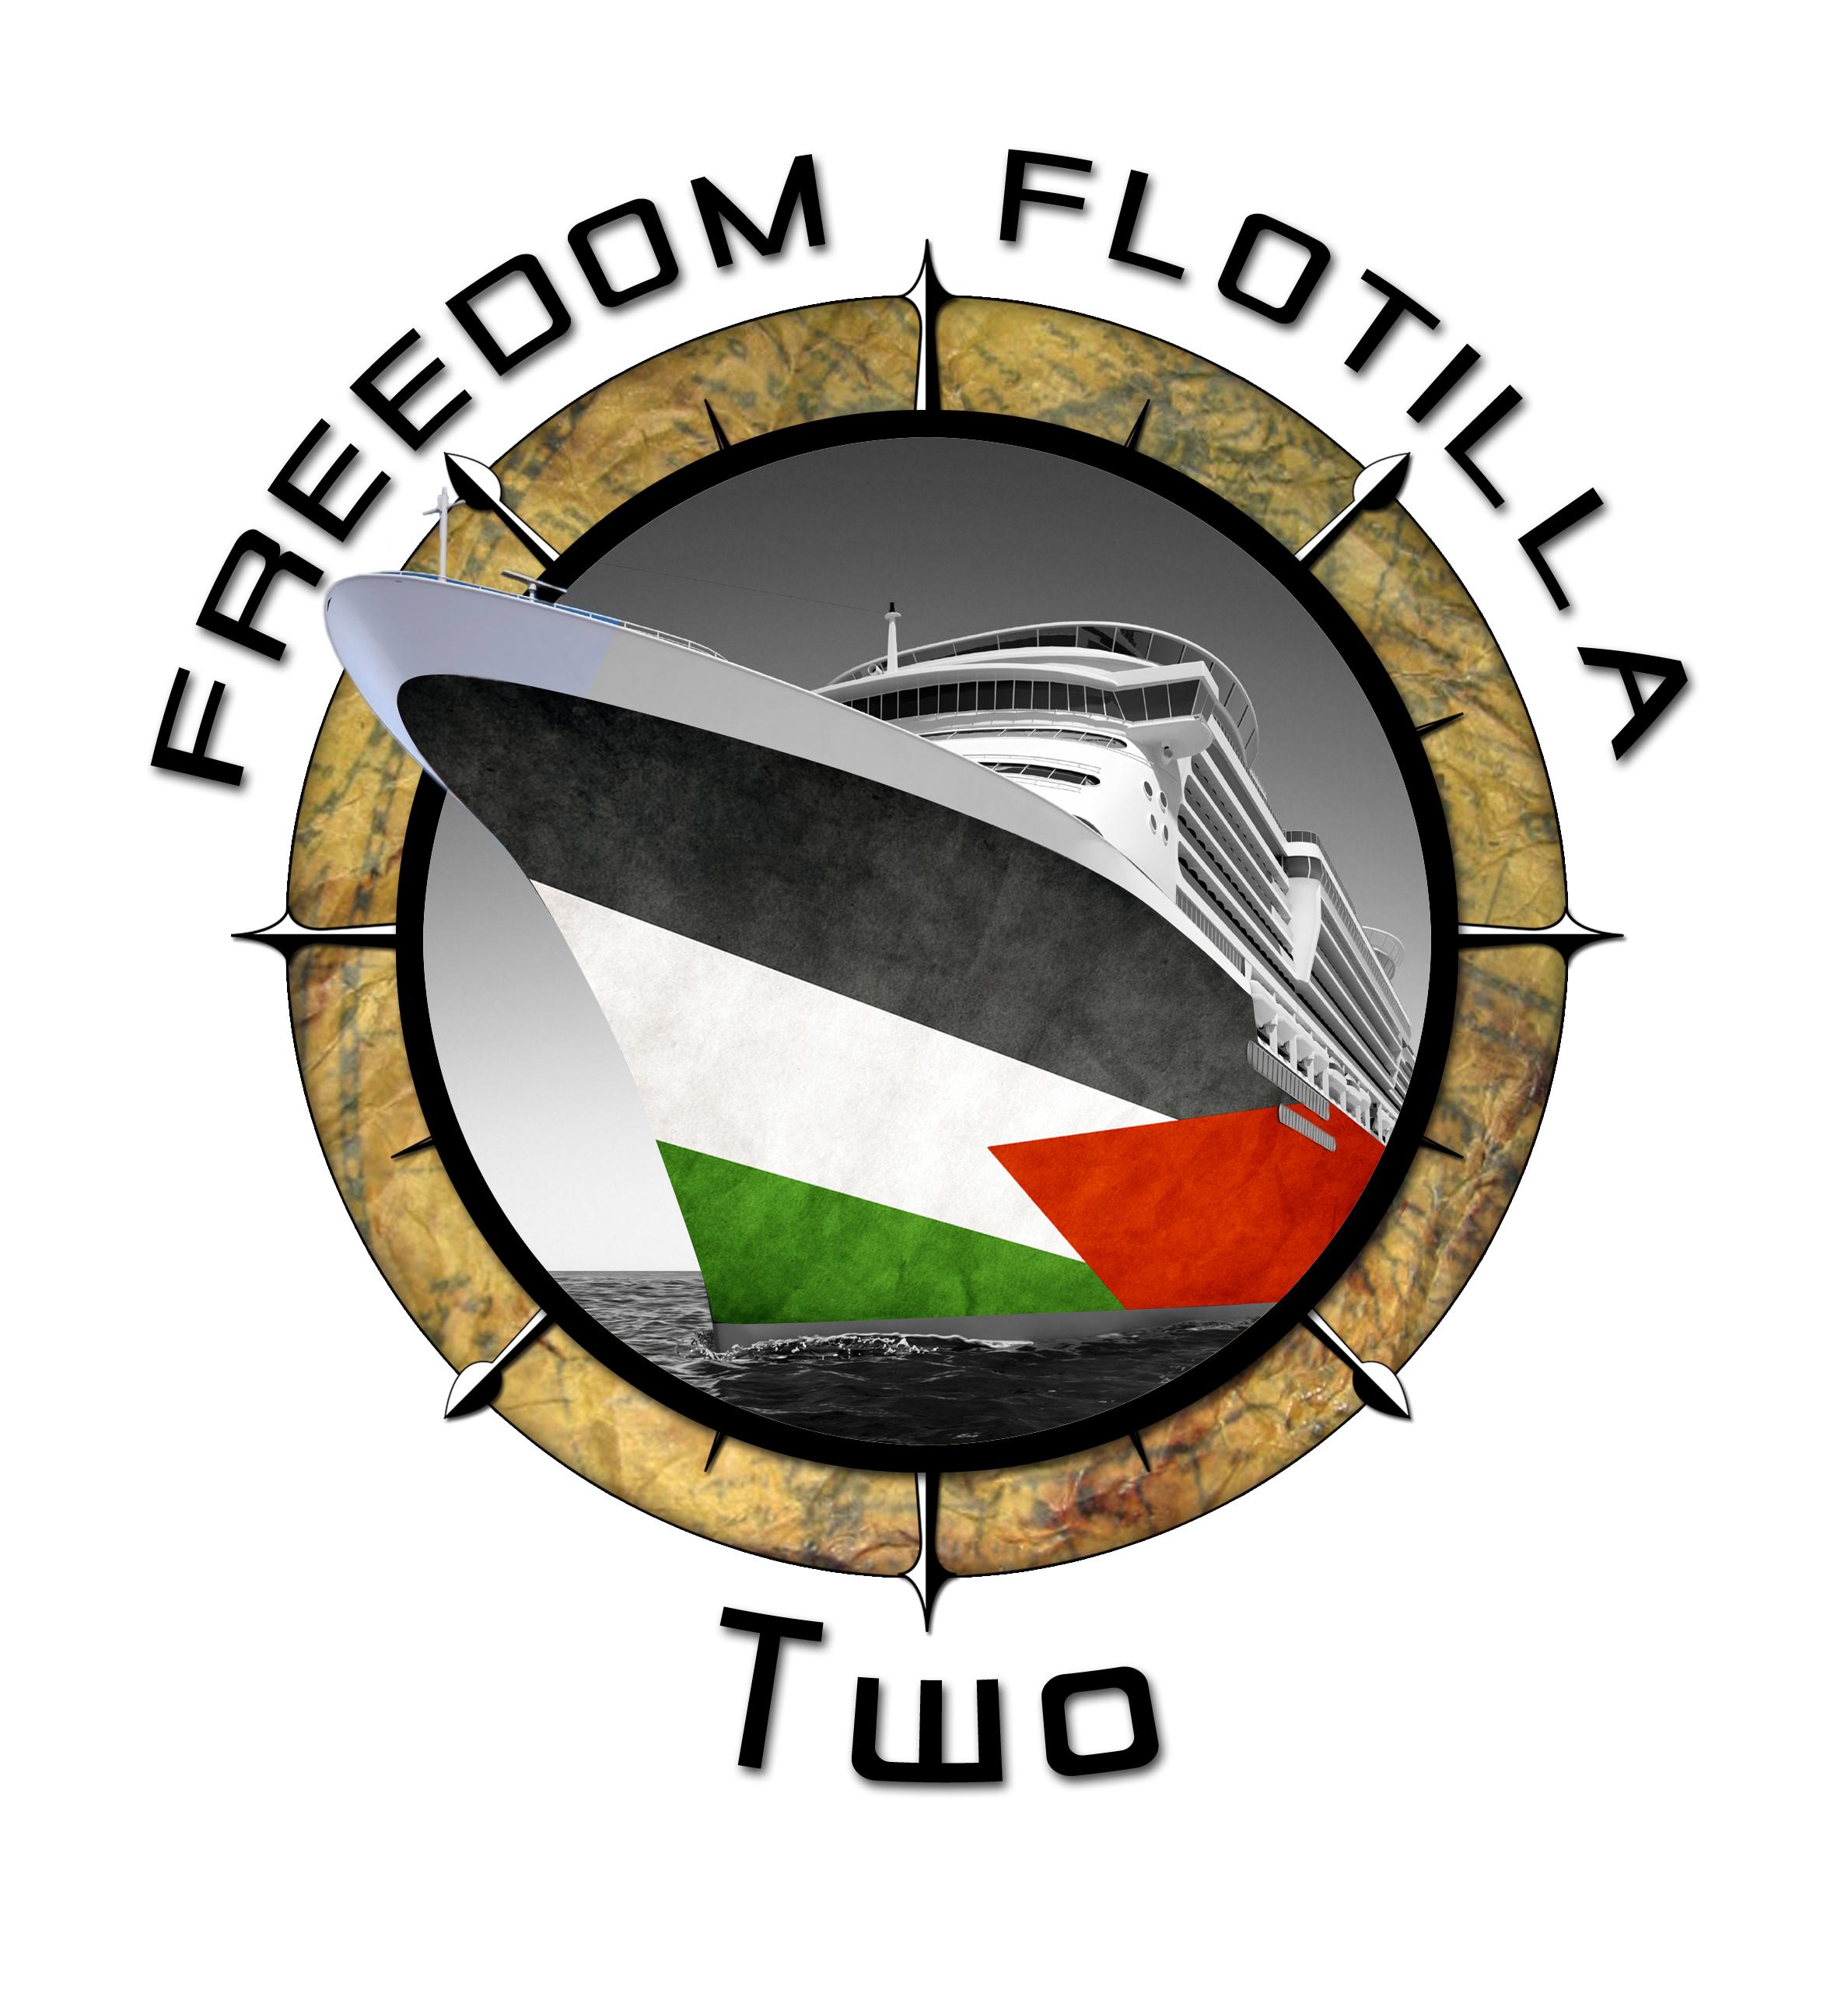 Freedom Flotilla: sabotata questa notte la terza barca